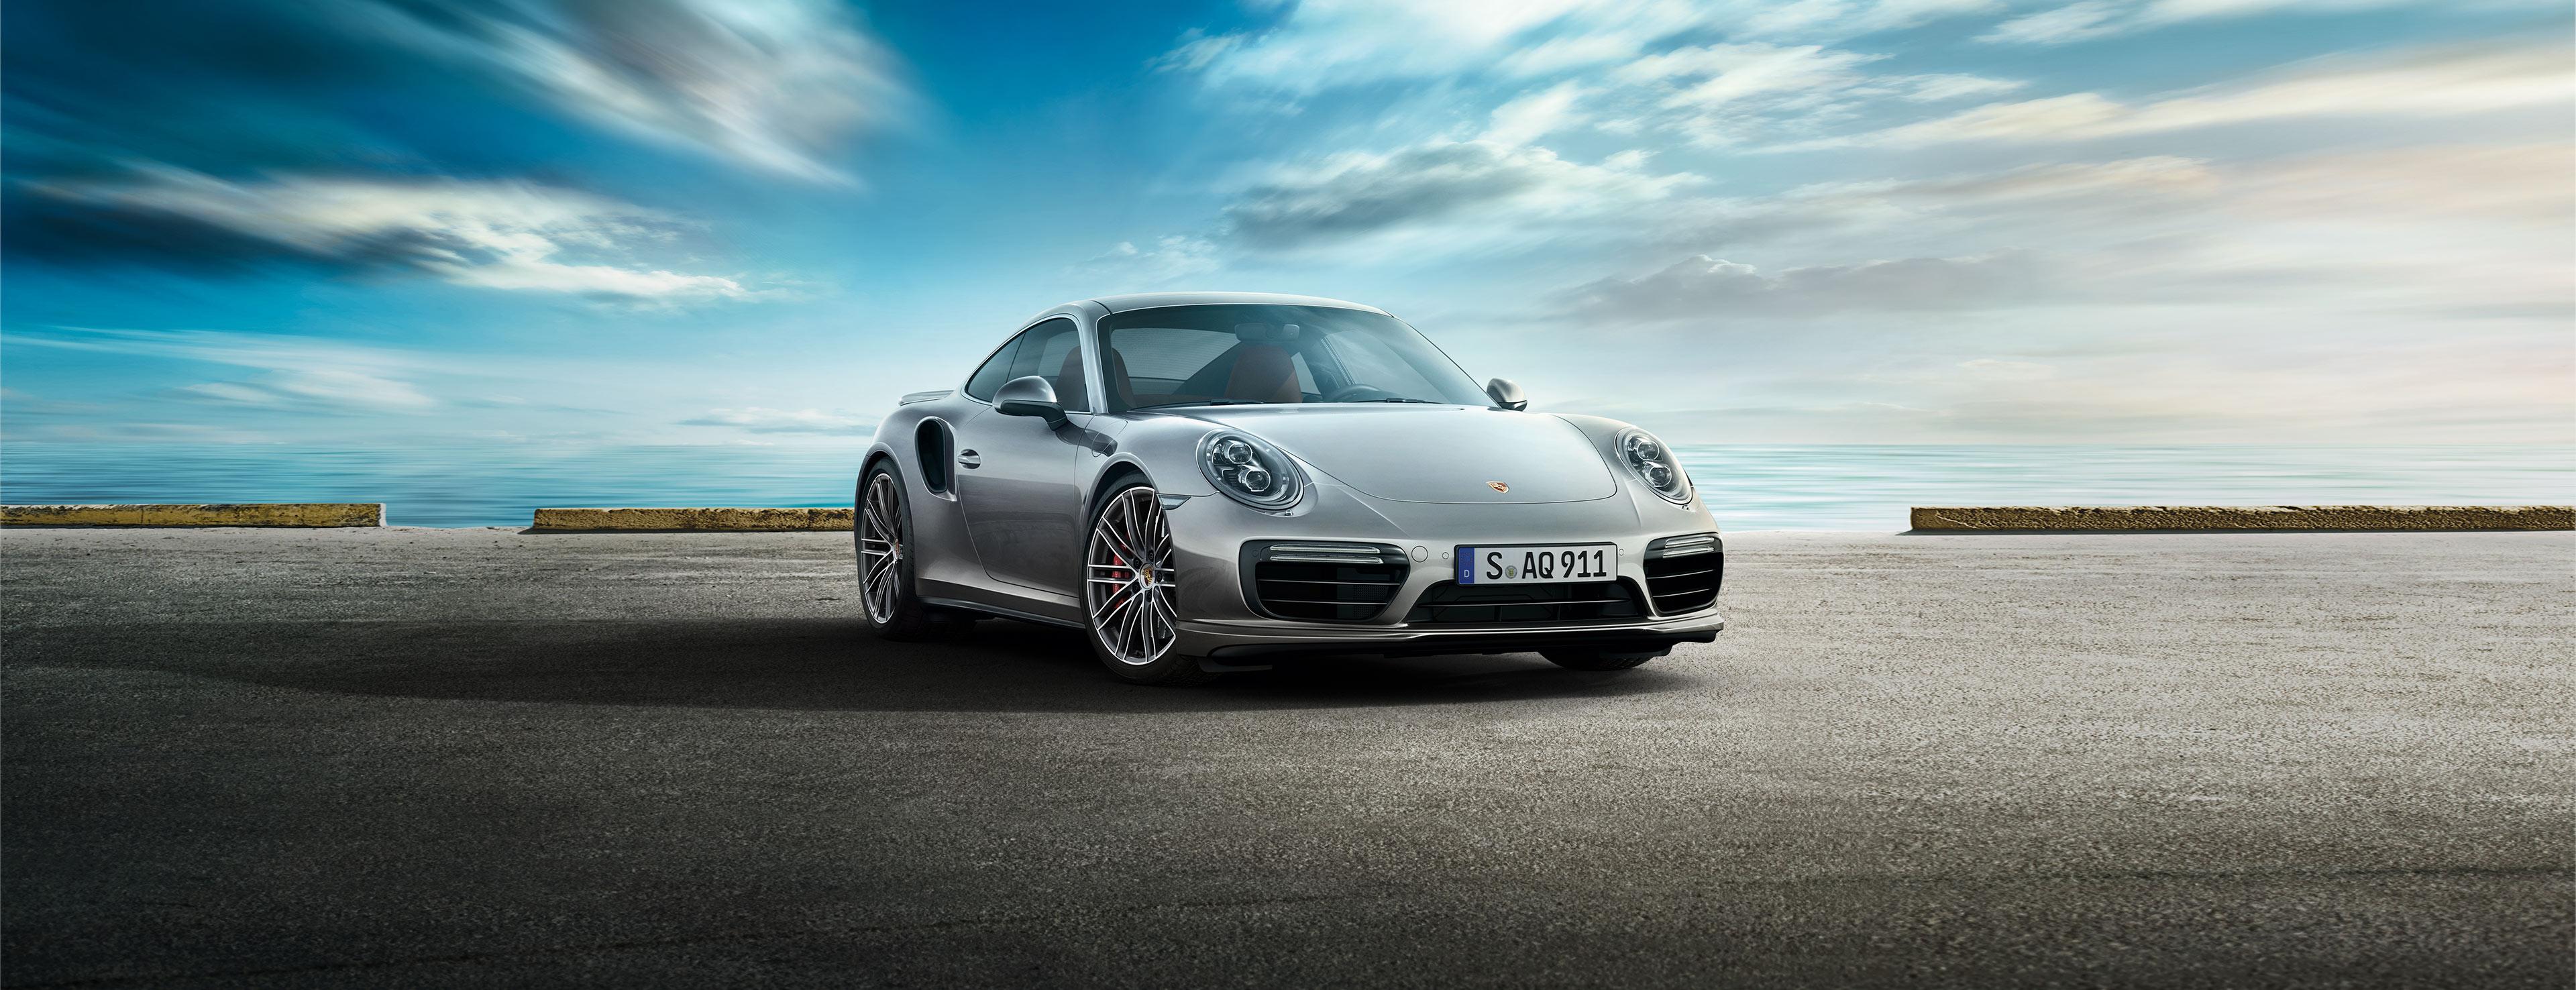 Porsche 911 Turbo Porsche Ag